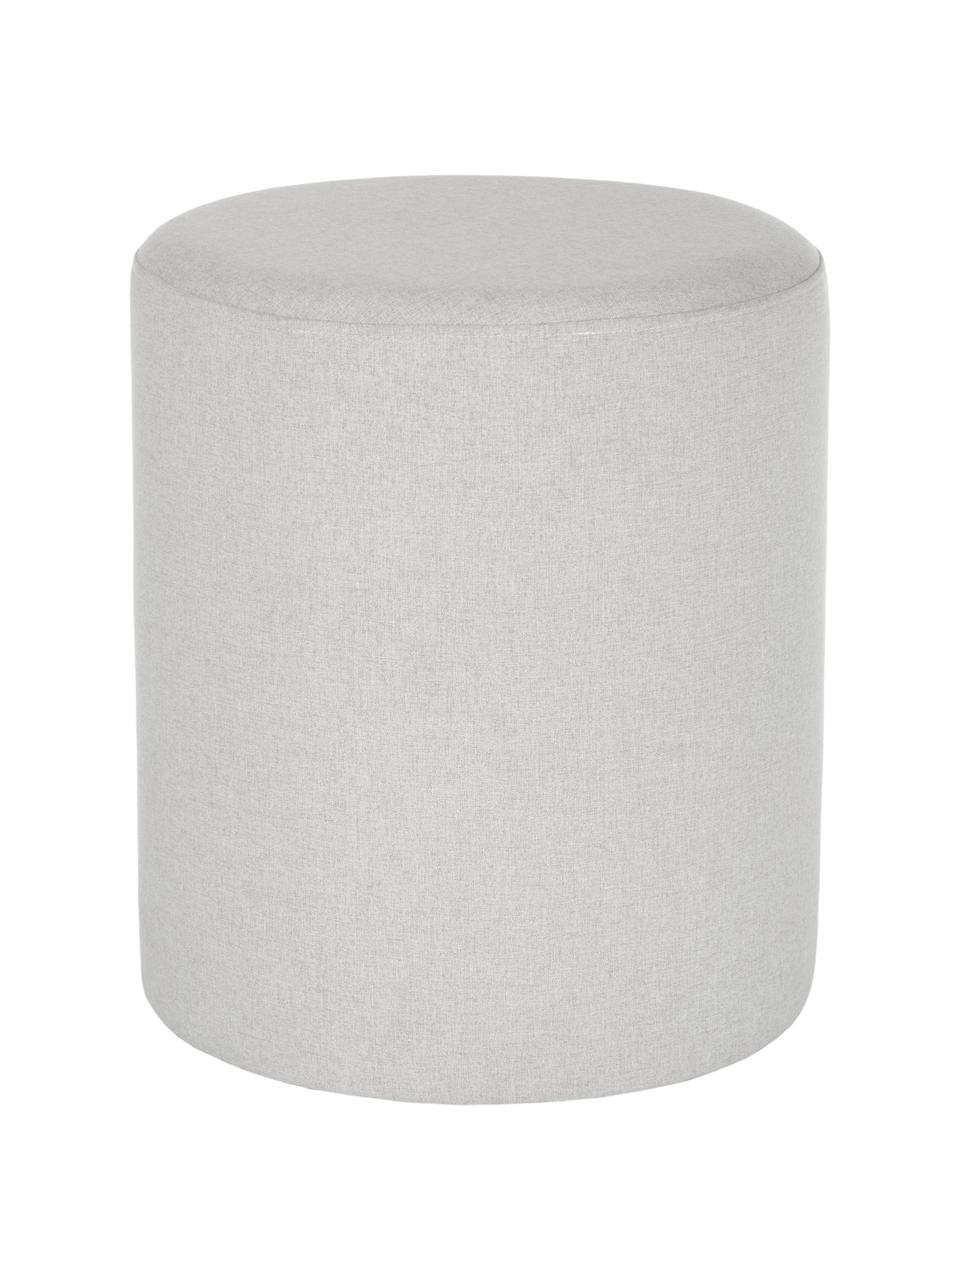 Pouf grigio chiaro Daisy, Rivestimento: 100% poliestere Il rivest, Struttura: compensato, Grigio, Ø 38 x Alt. 45 cm